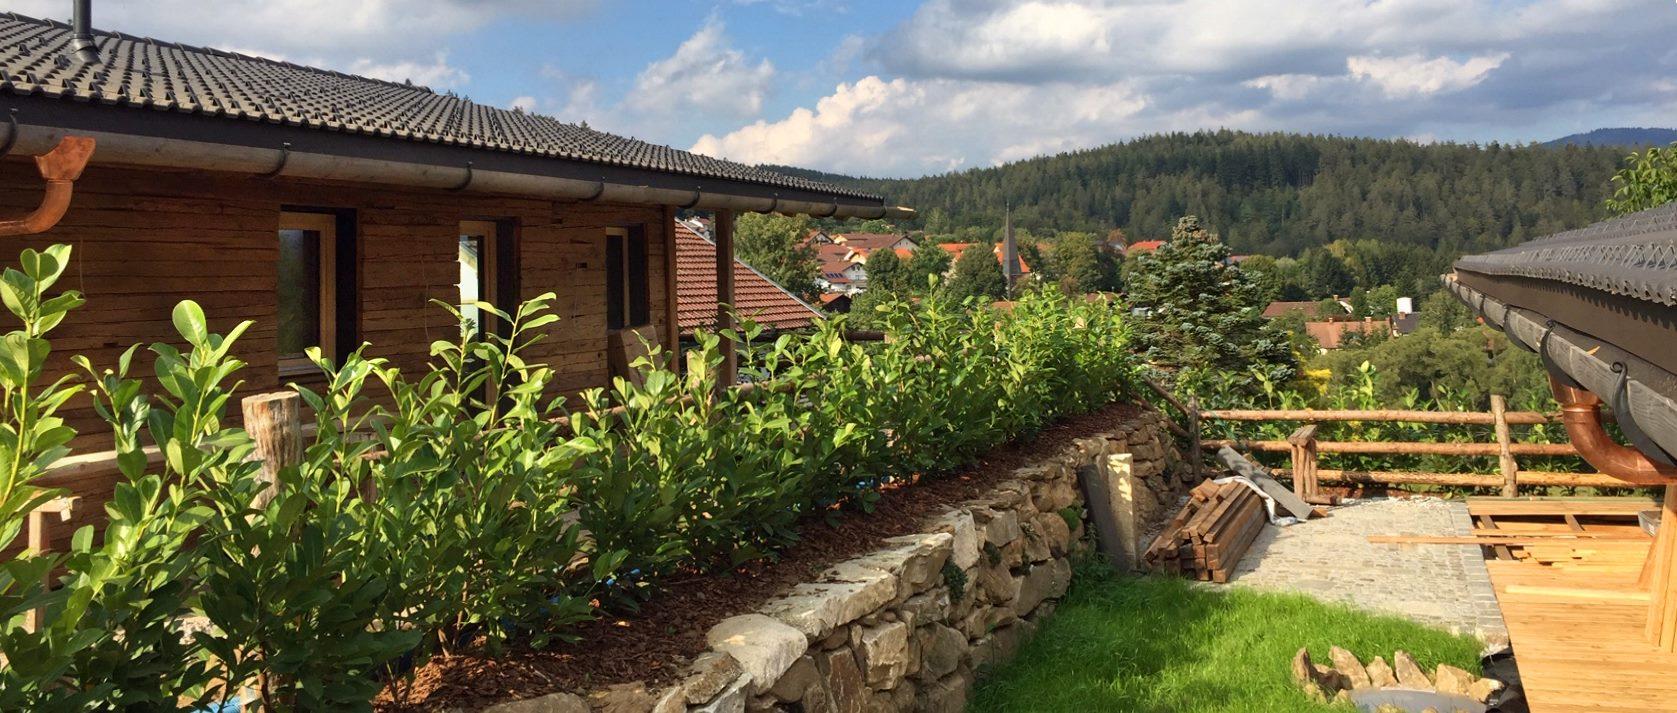 frisch-ferienhaus-zwiesel-luxus-chalet-nationalpark-ausblick-1600